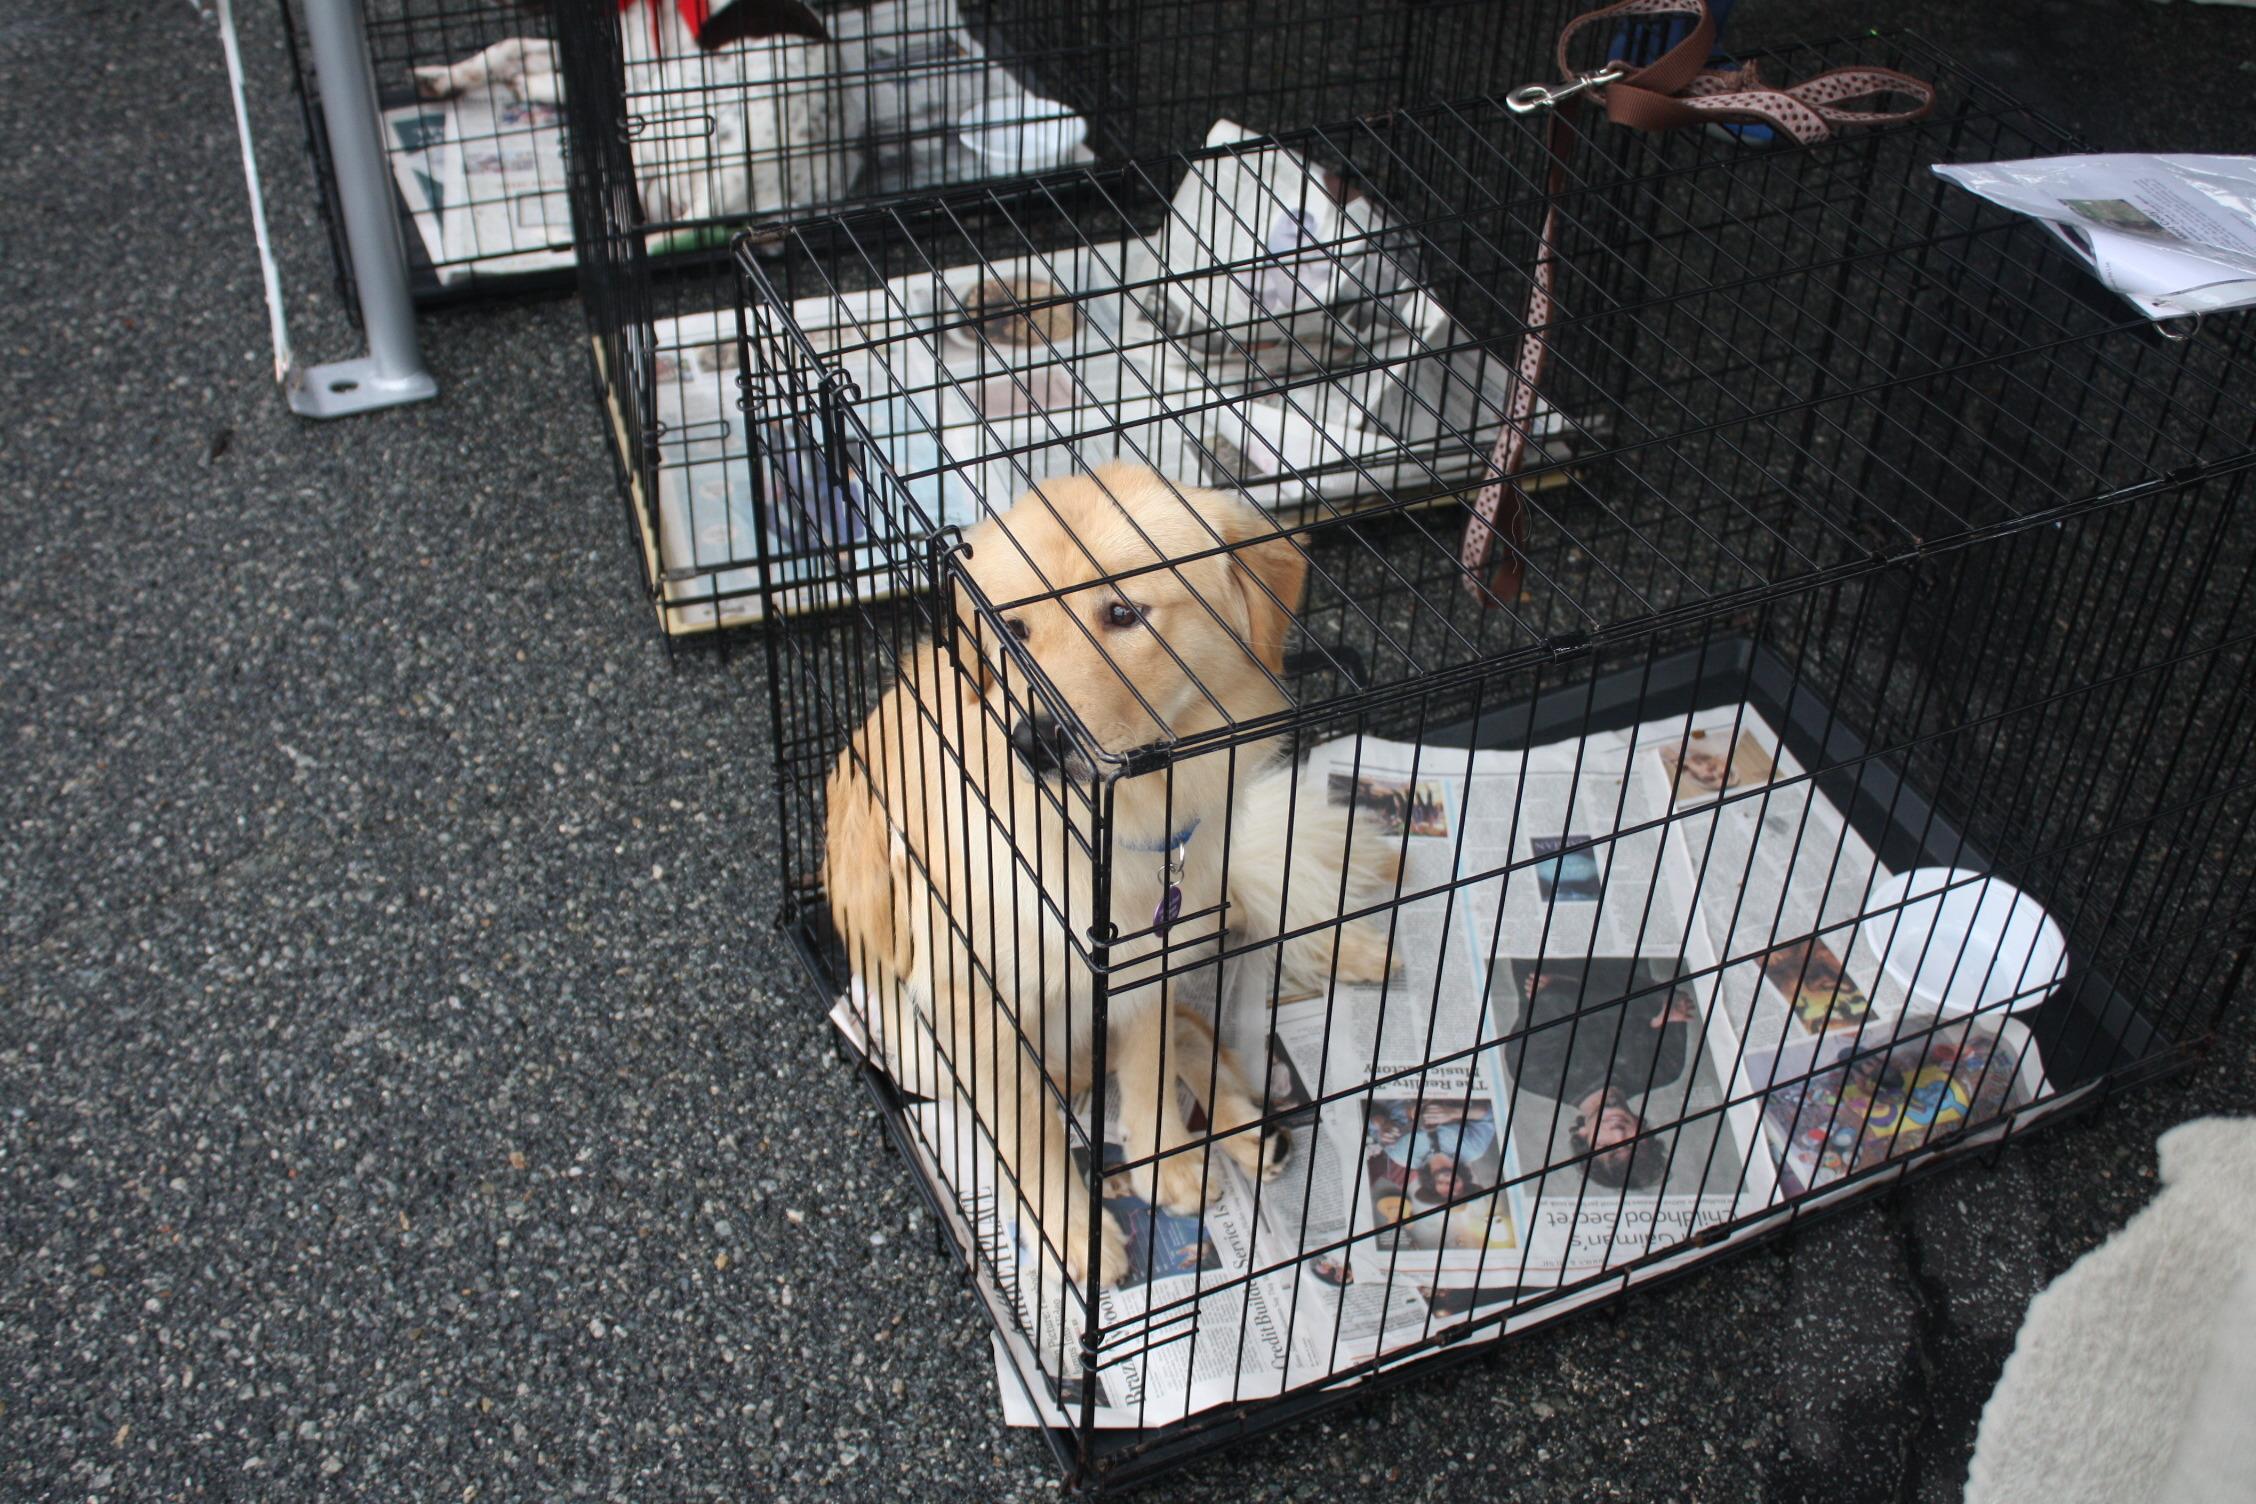 3a4f035f90ee6321f725_dogs_015.JPG